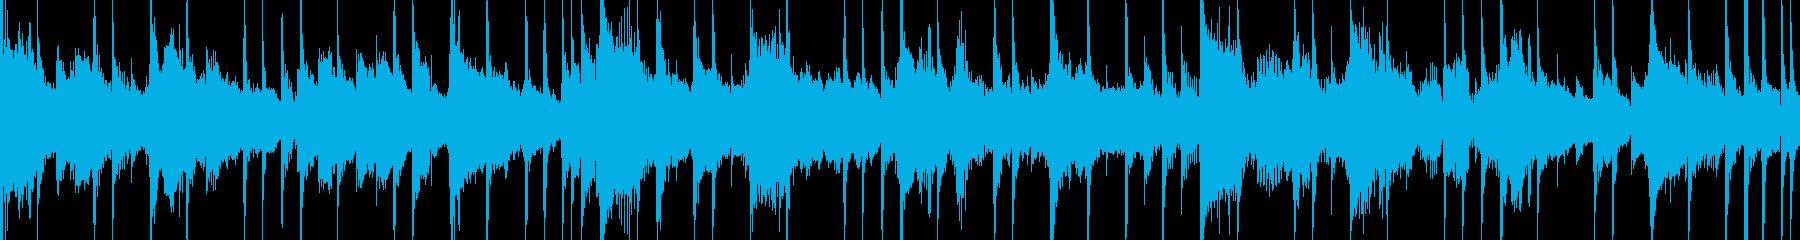 ジャズ/フュージョン、ファンク、ソ...の再生済みの波形